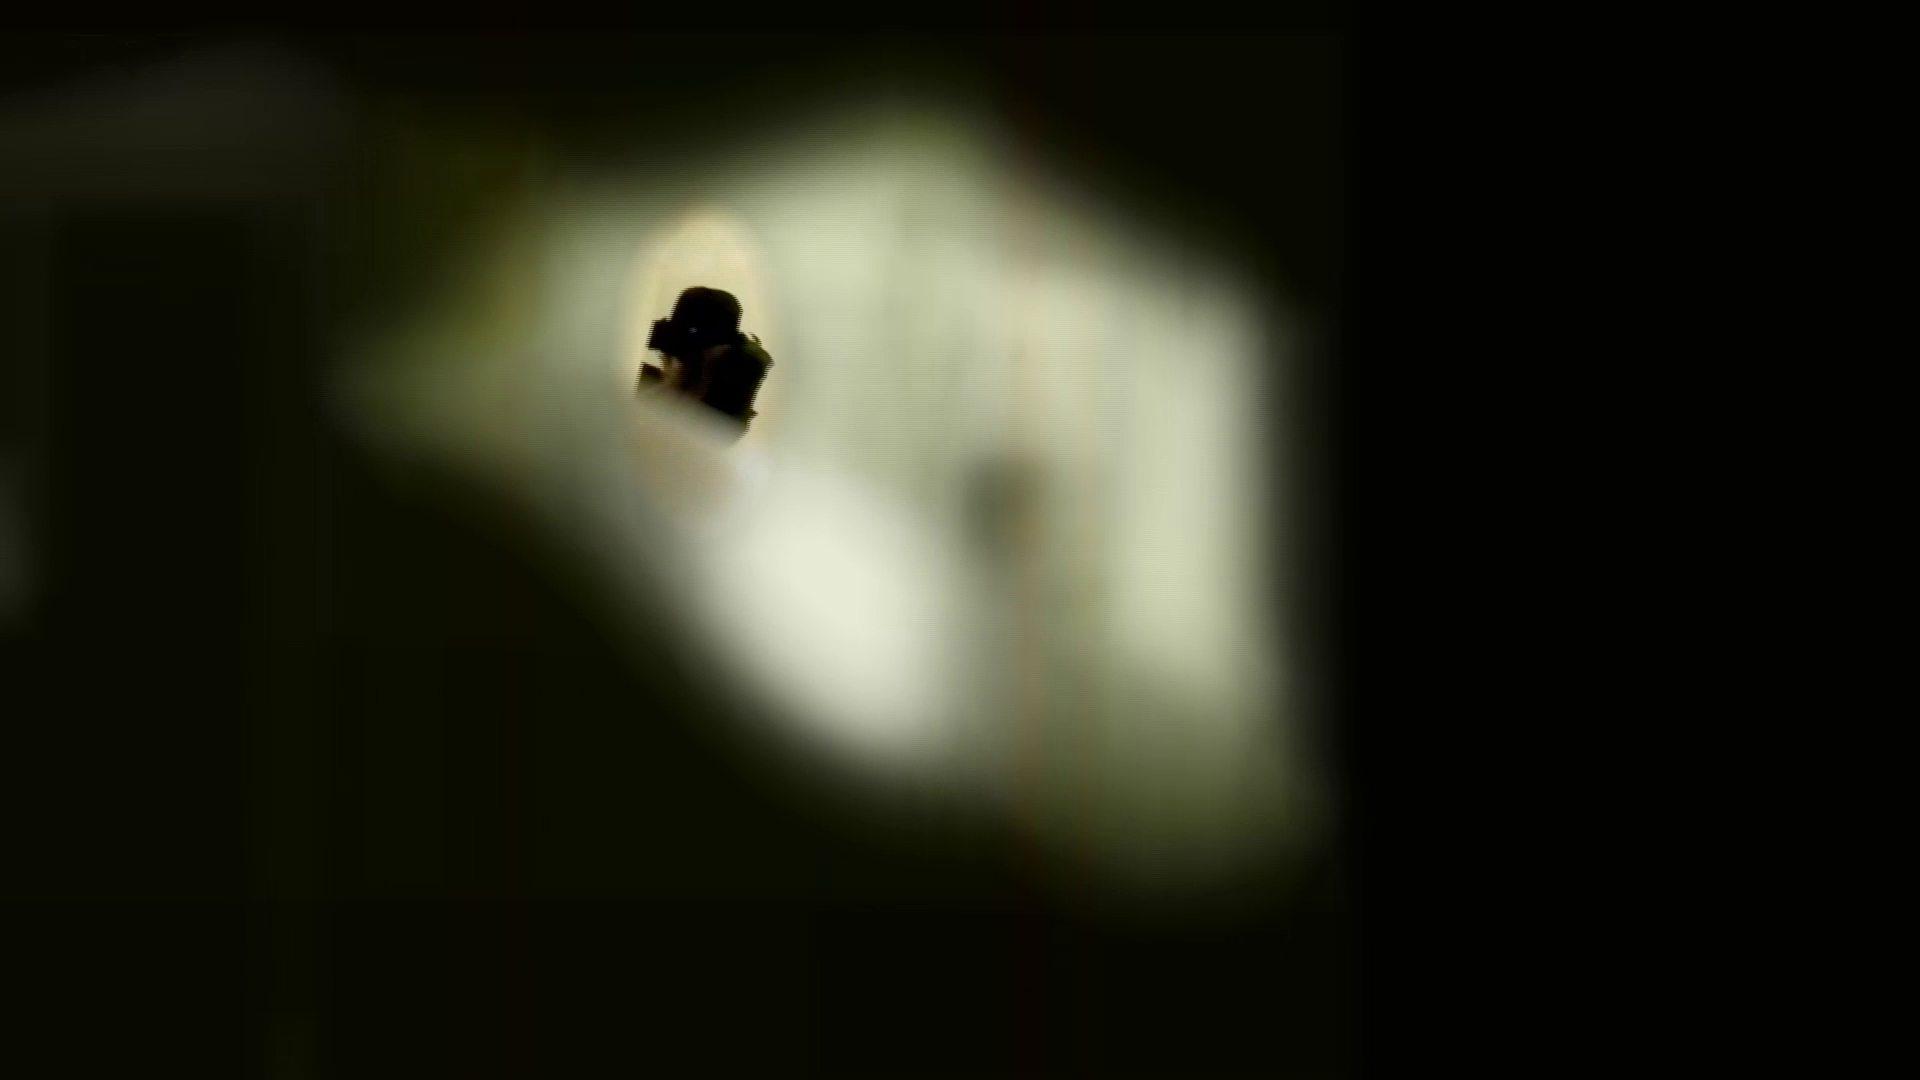 新世界の射窓 No78 トリンドル 玲奈似登場シリーズ美女率最高作! ギャル攻め アダルト動画キャプチャ 103画像 20